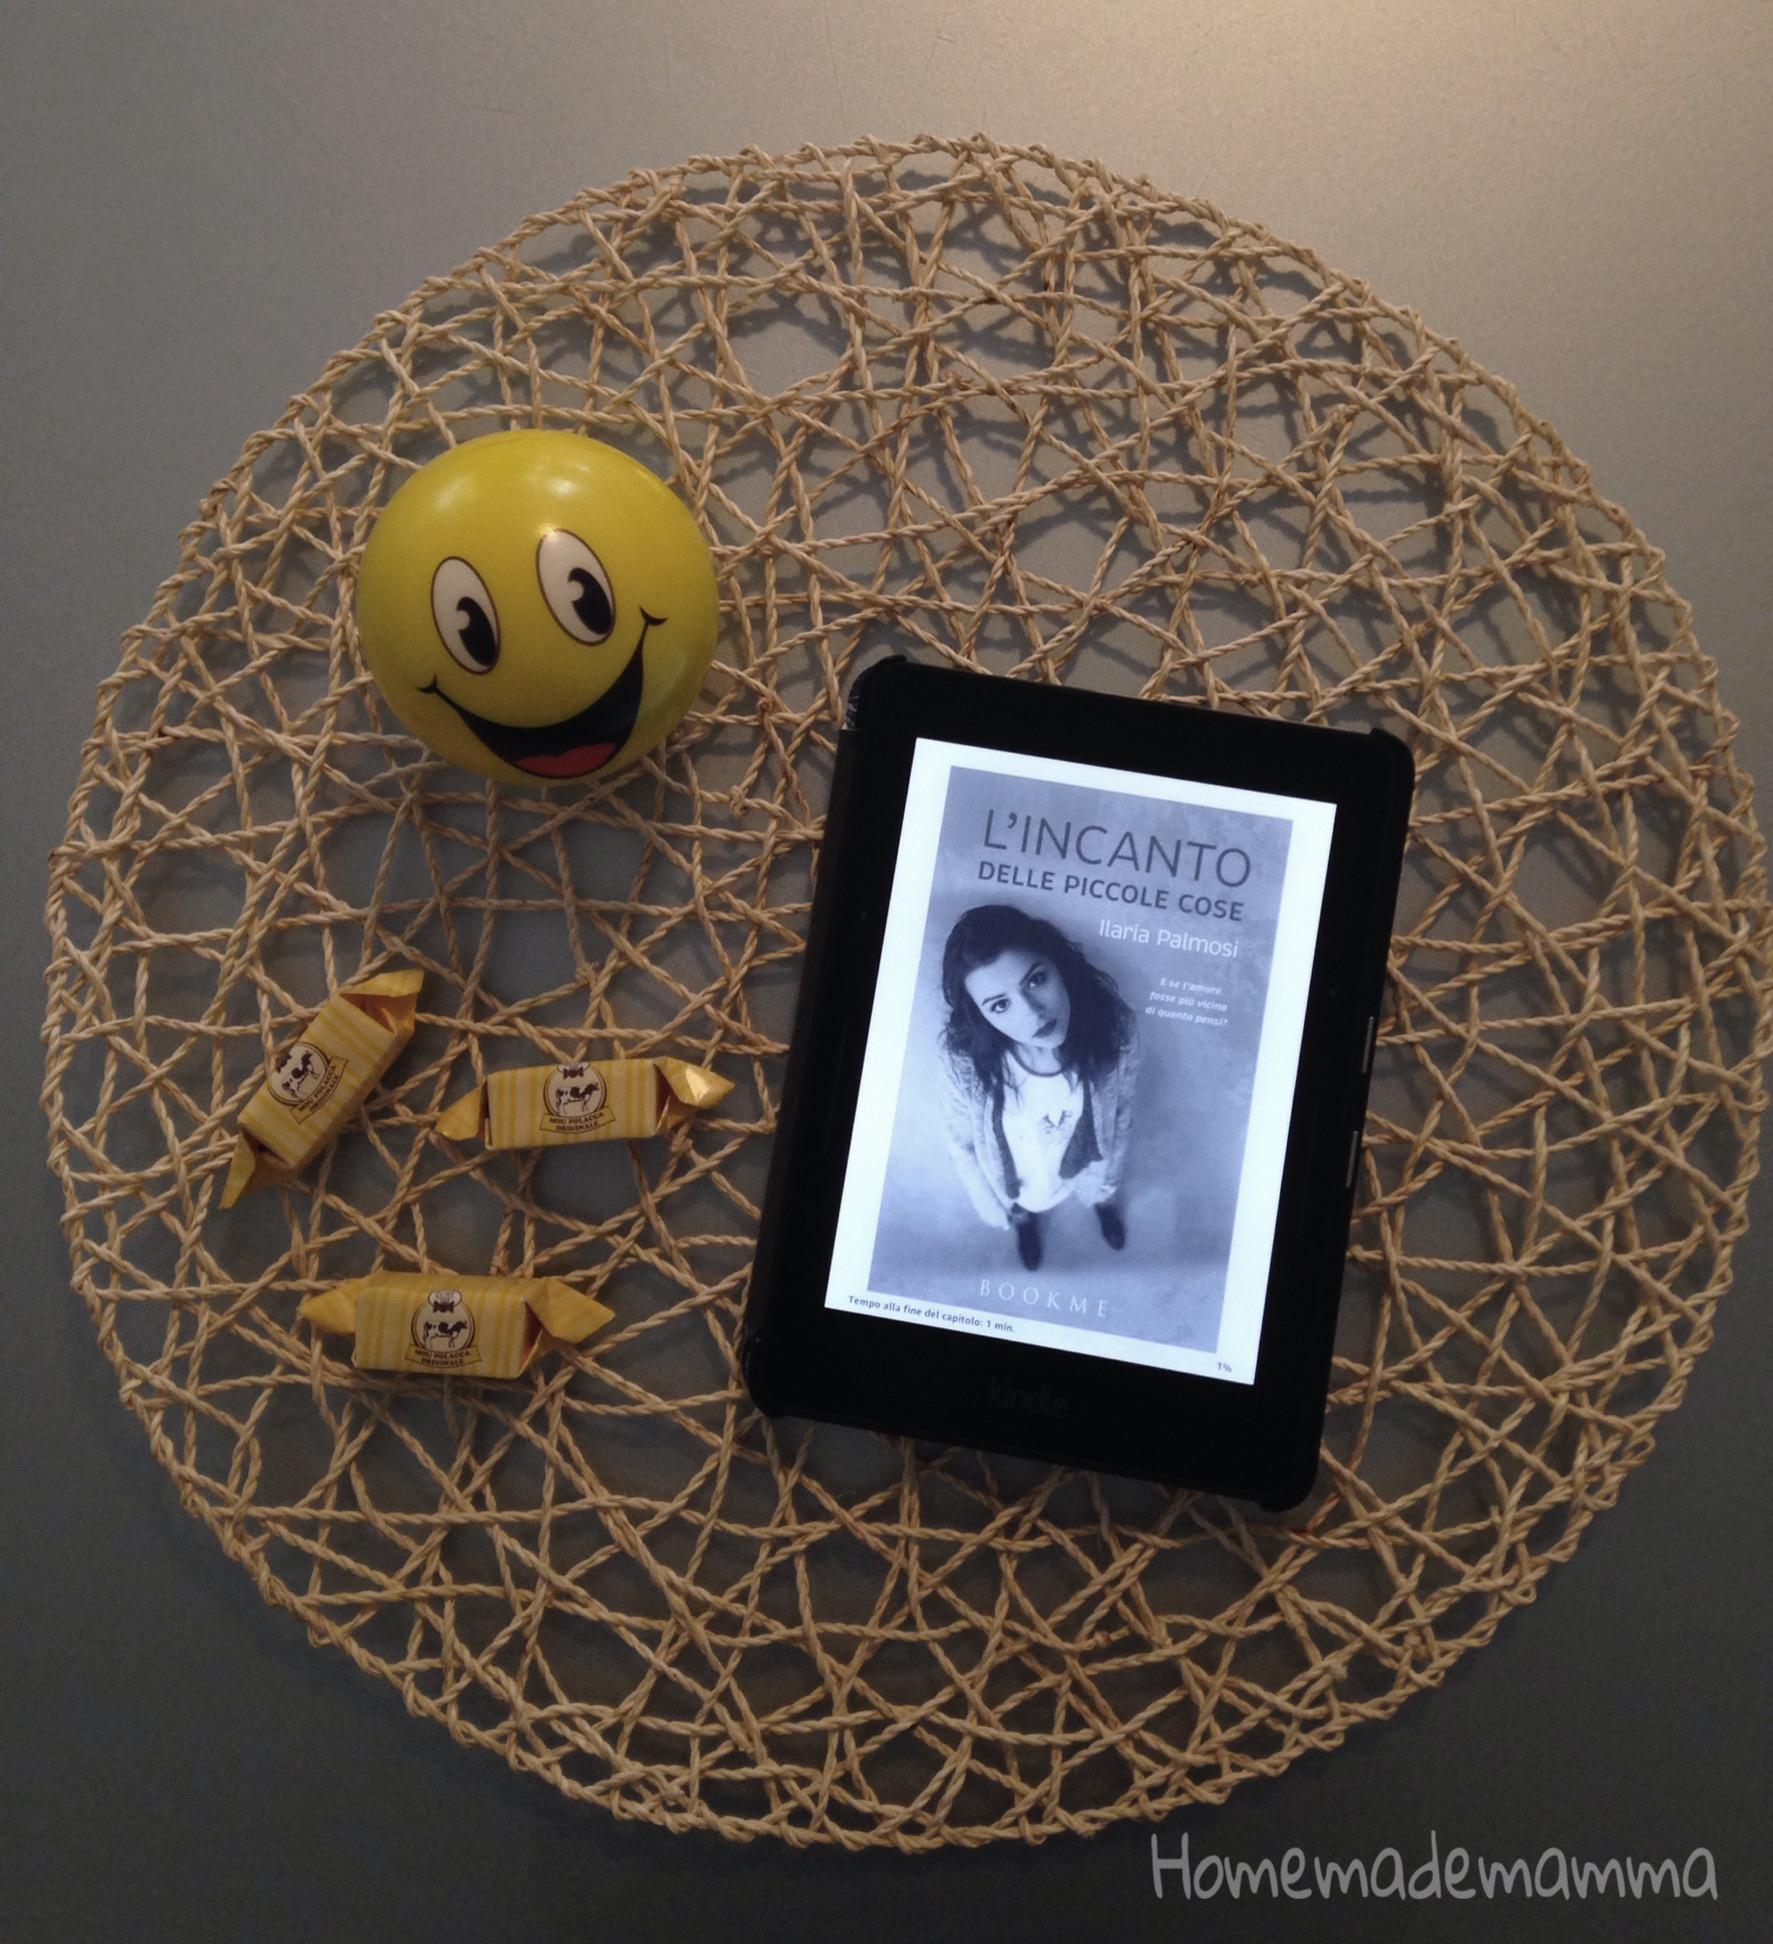 L'incanto delle piccole cose - Ilaria Palmosi